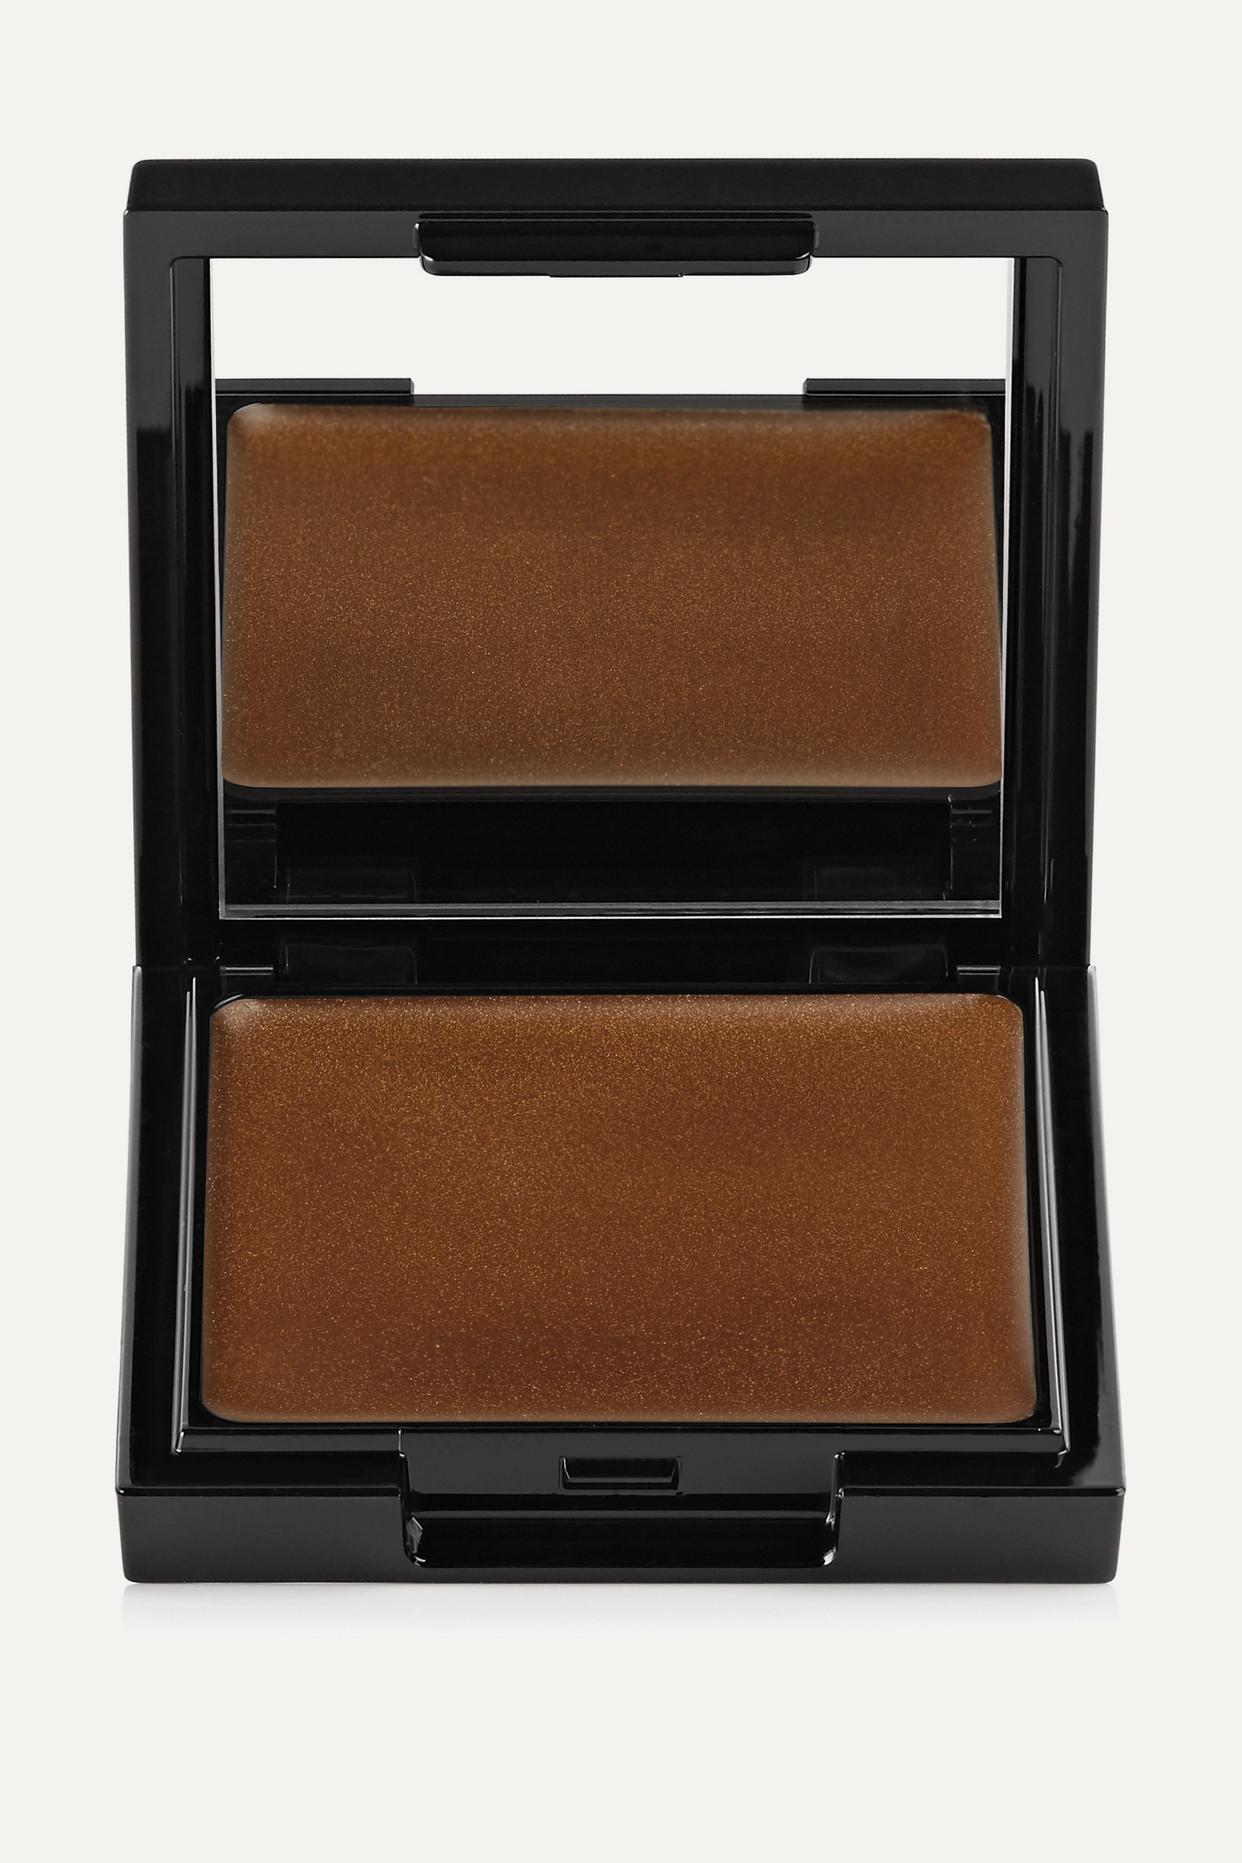 SURRATT BEAUTY - Lid Lacquer - Kogecha - Brown - one size